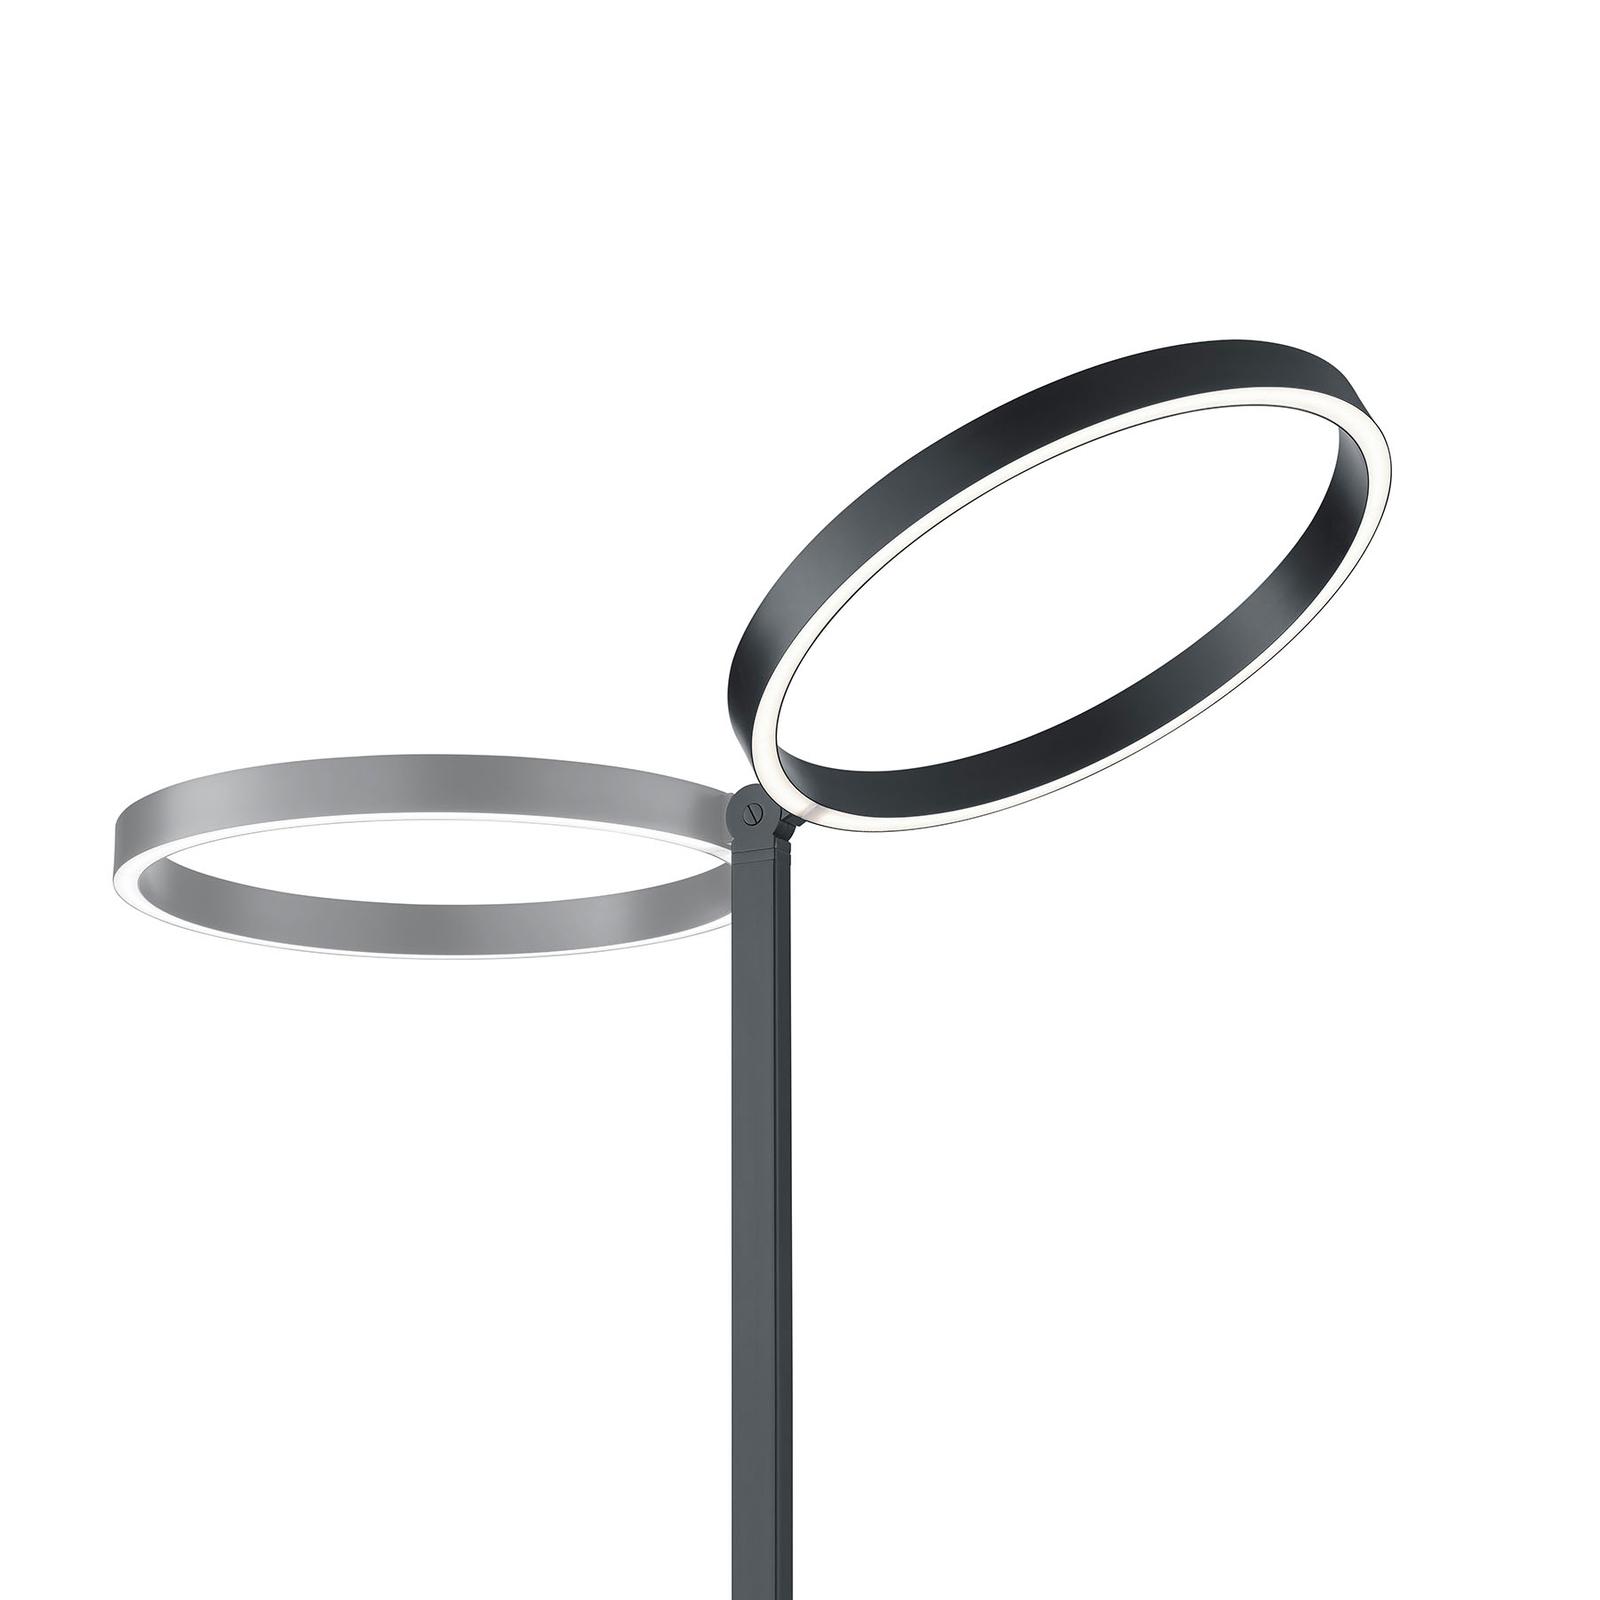 Lampa stojąca LED Lana czarna sterowana gestami